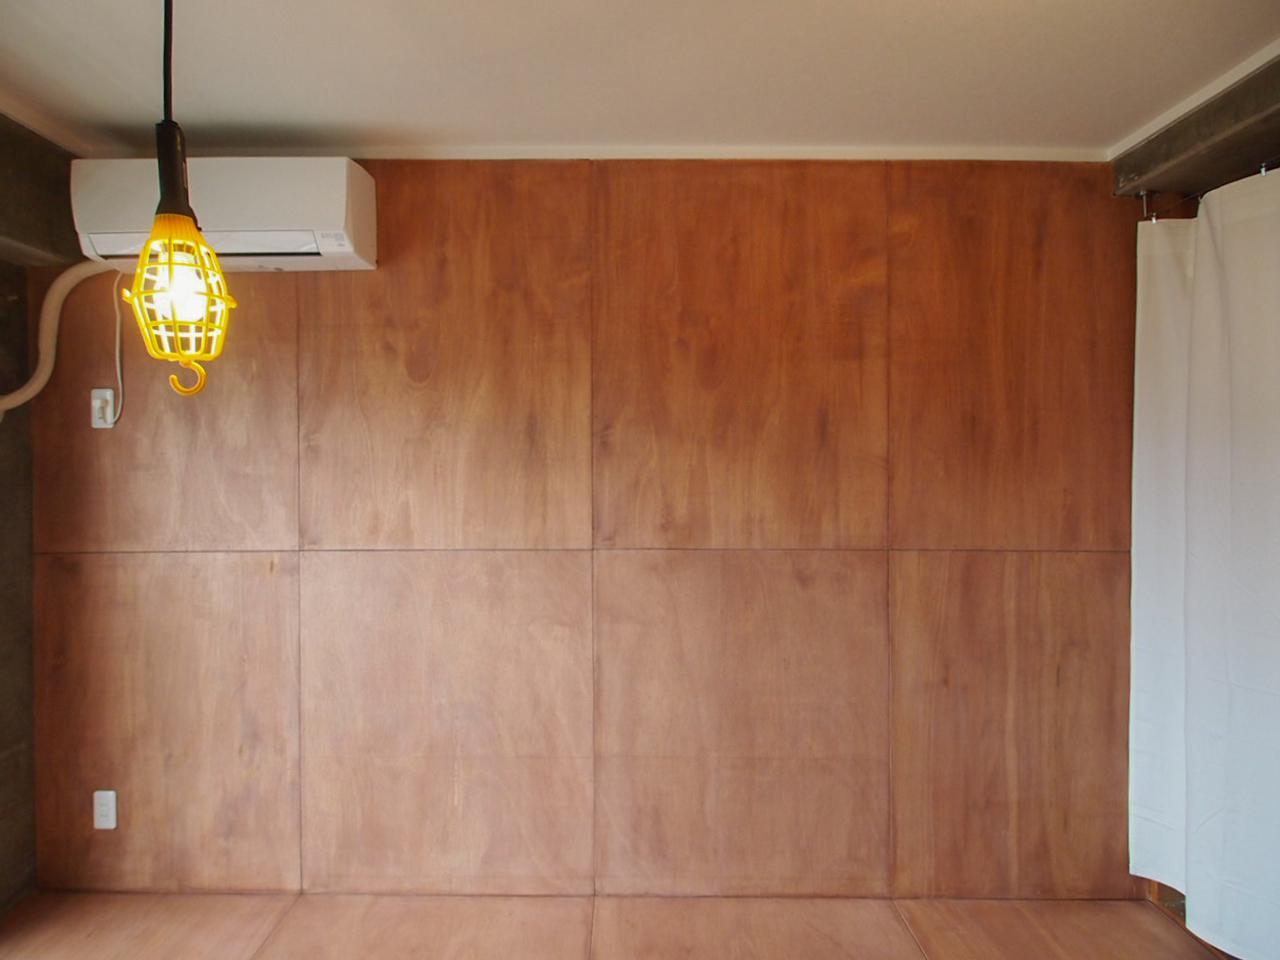 ラワンの壁は塗装仕上げ